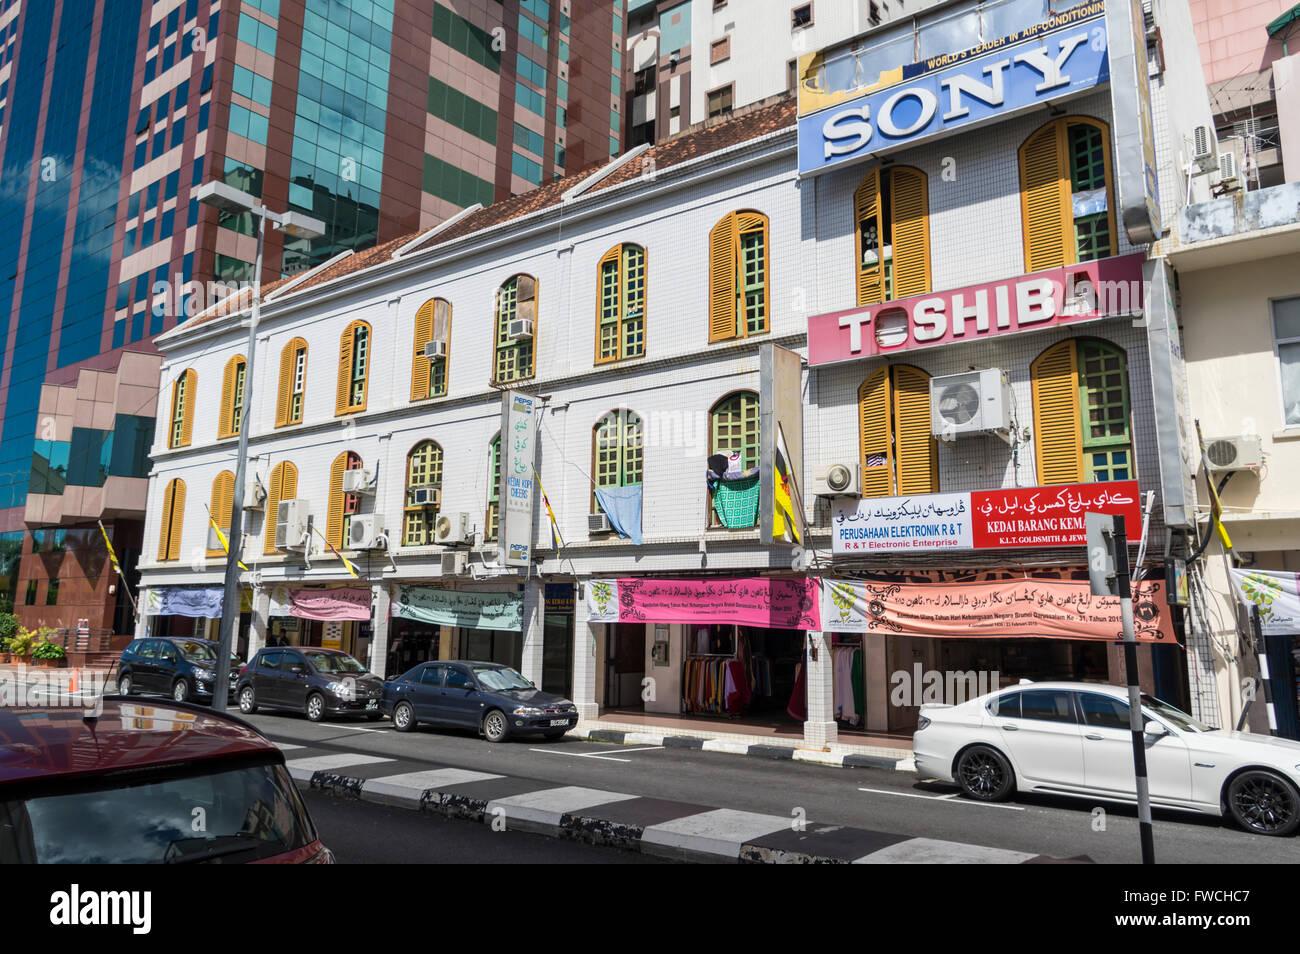 Fila di edificio nel centro di Bandar Seri Begawan, la capitale del sultanato del Brunei Darussalam. Immagini Stock